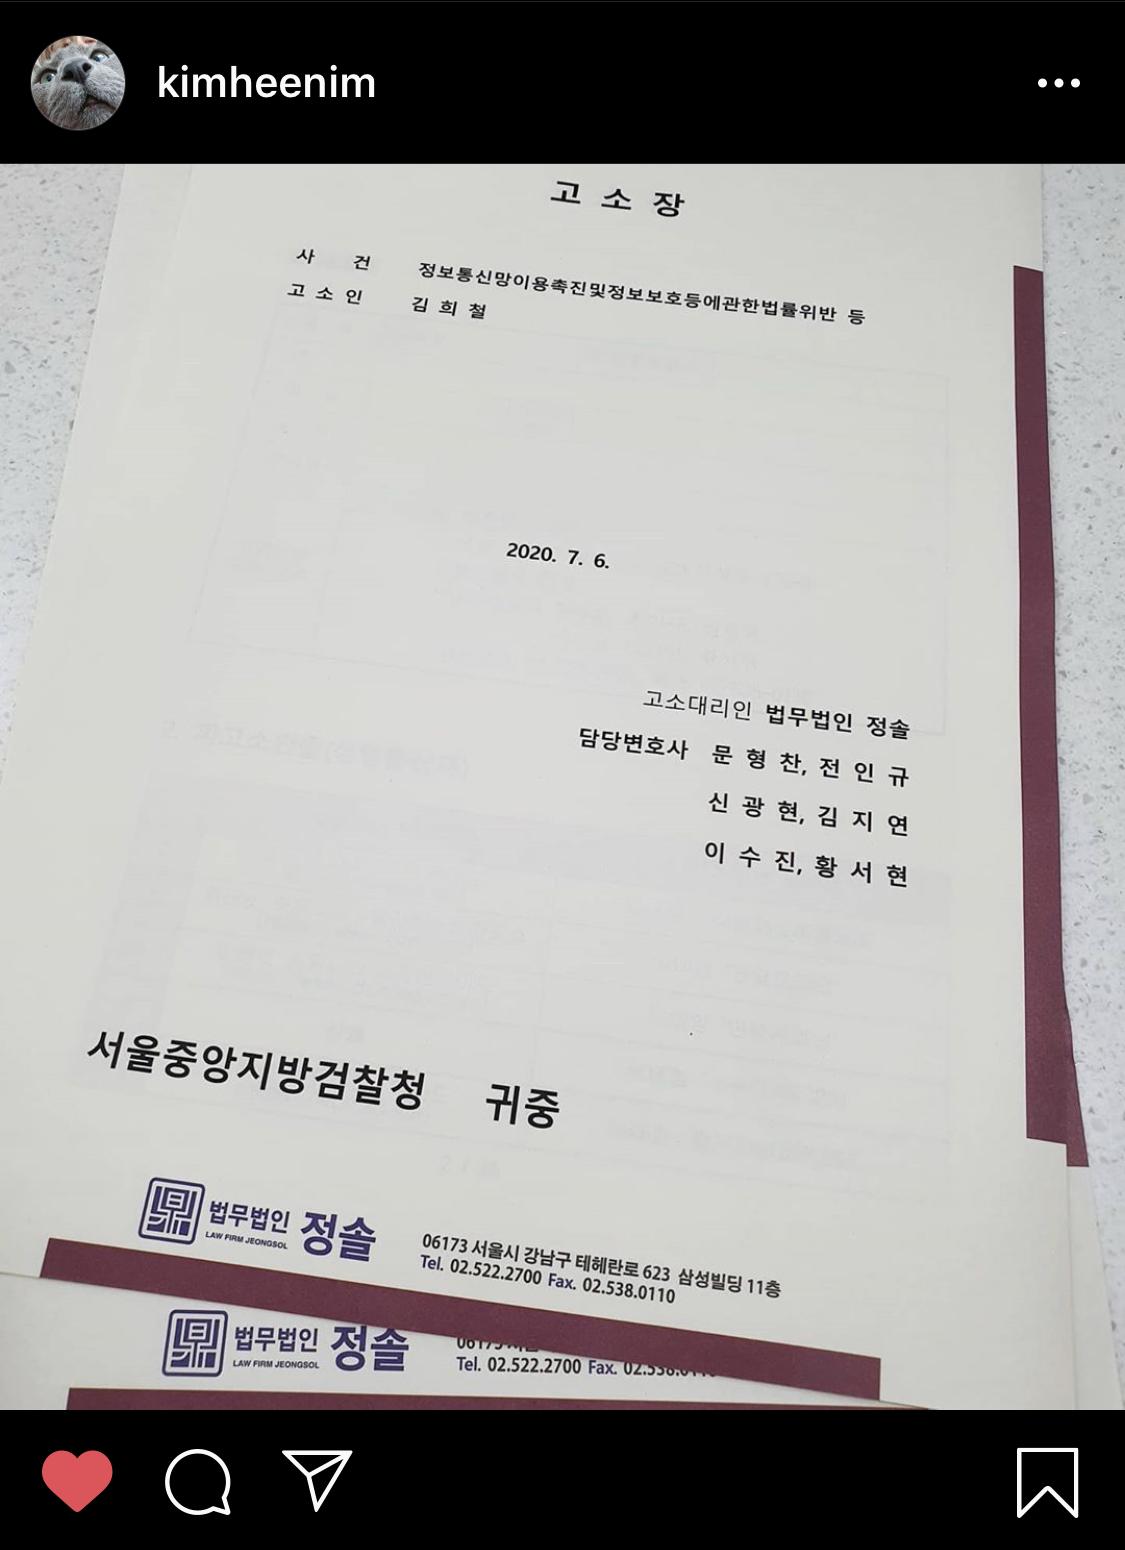 헐 김희철 고소장 올렸다 | 인스티즈